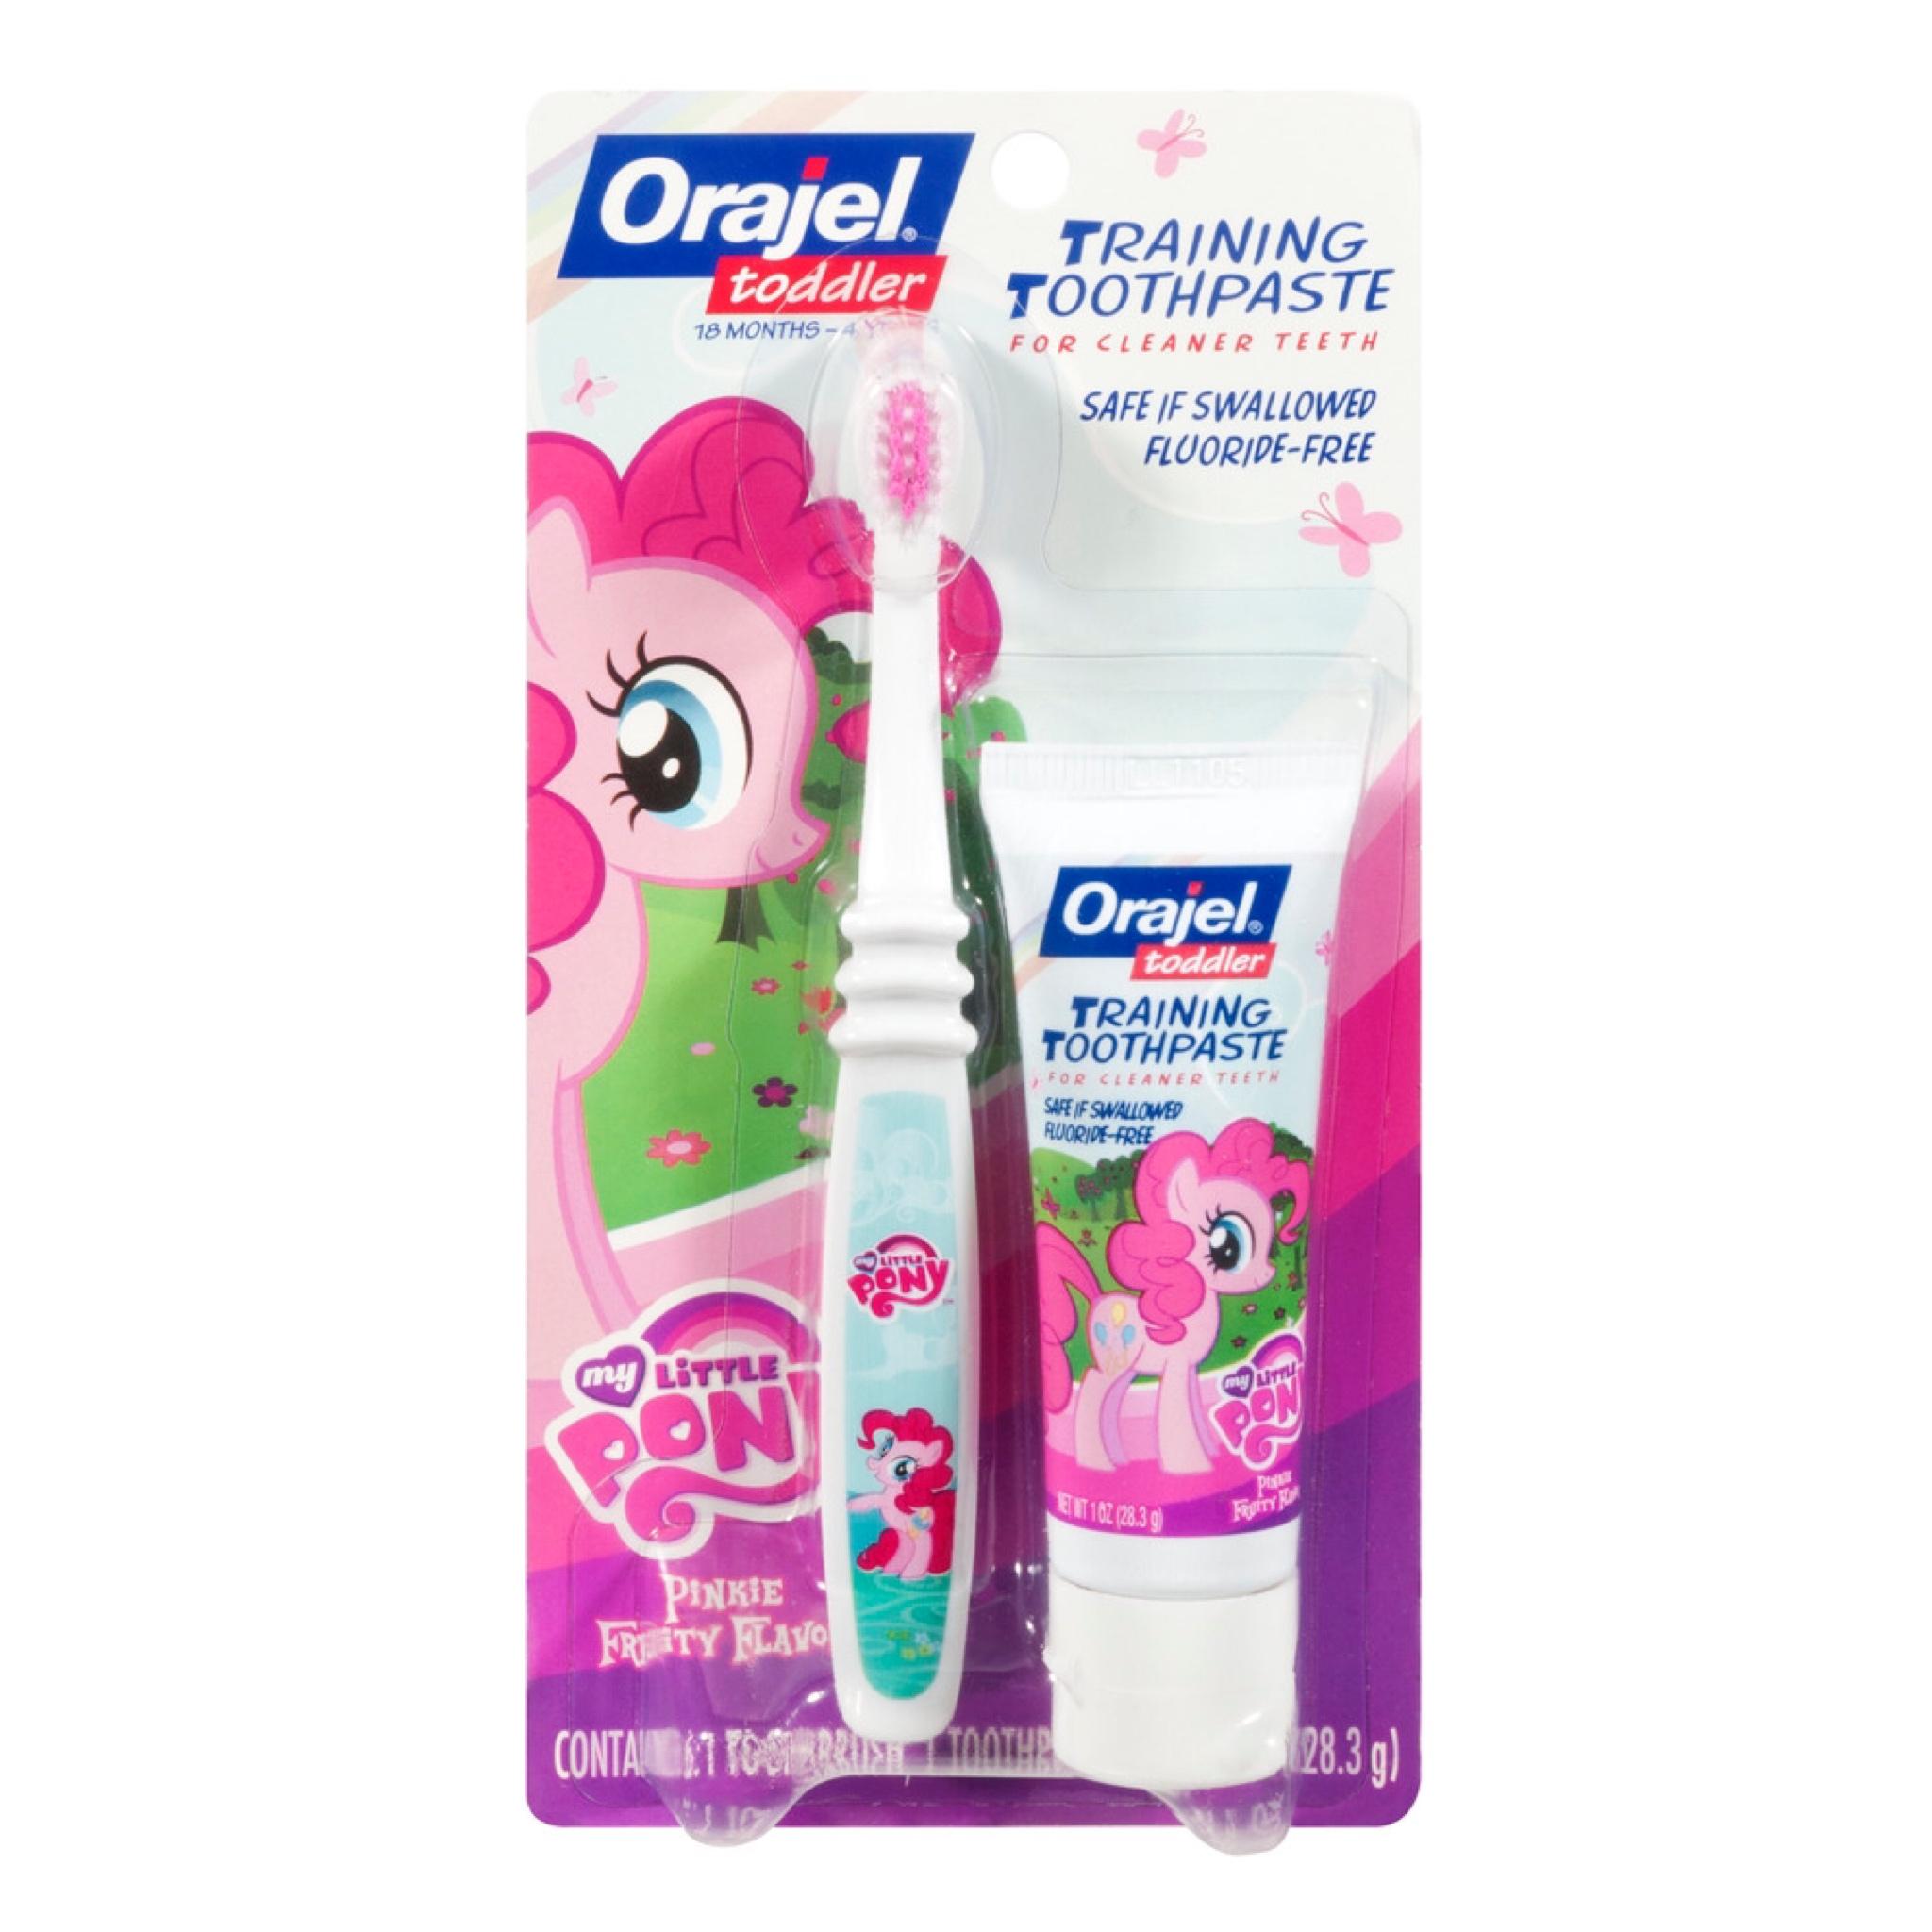 ชุดแปรงสีฟันและยาสีฟันปลอดสารพิษ Baby Orajel Training Toothpaste & Brush (My Little Pony)